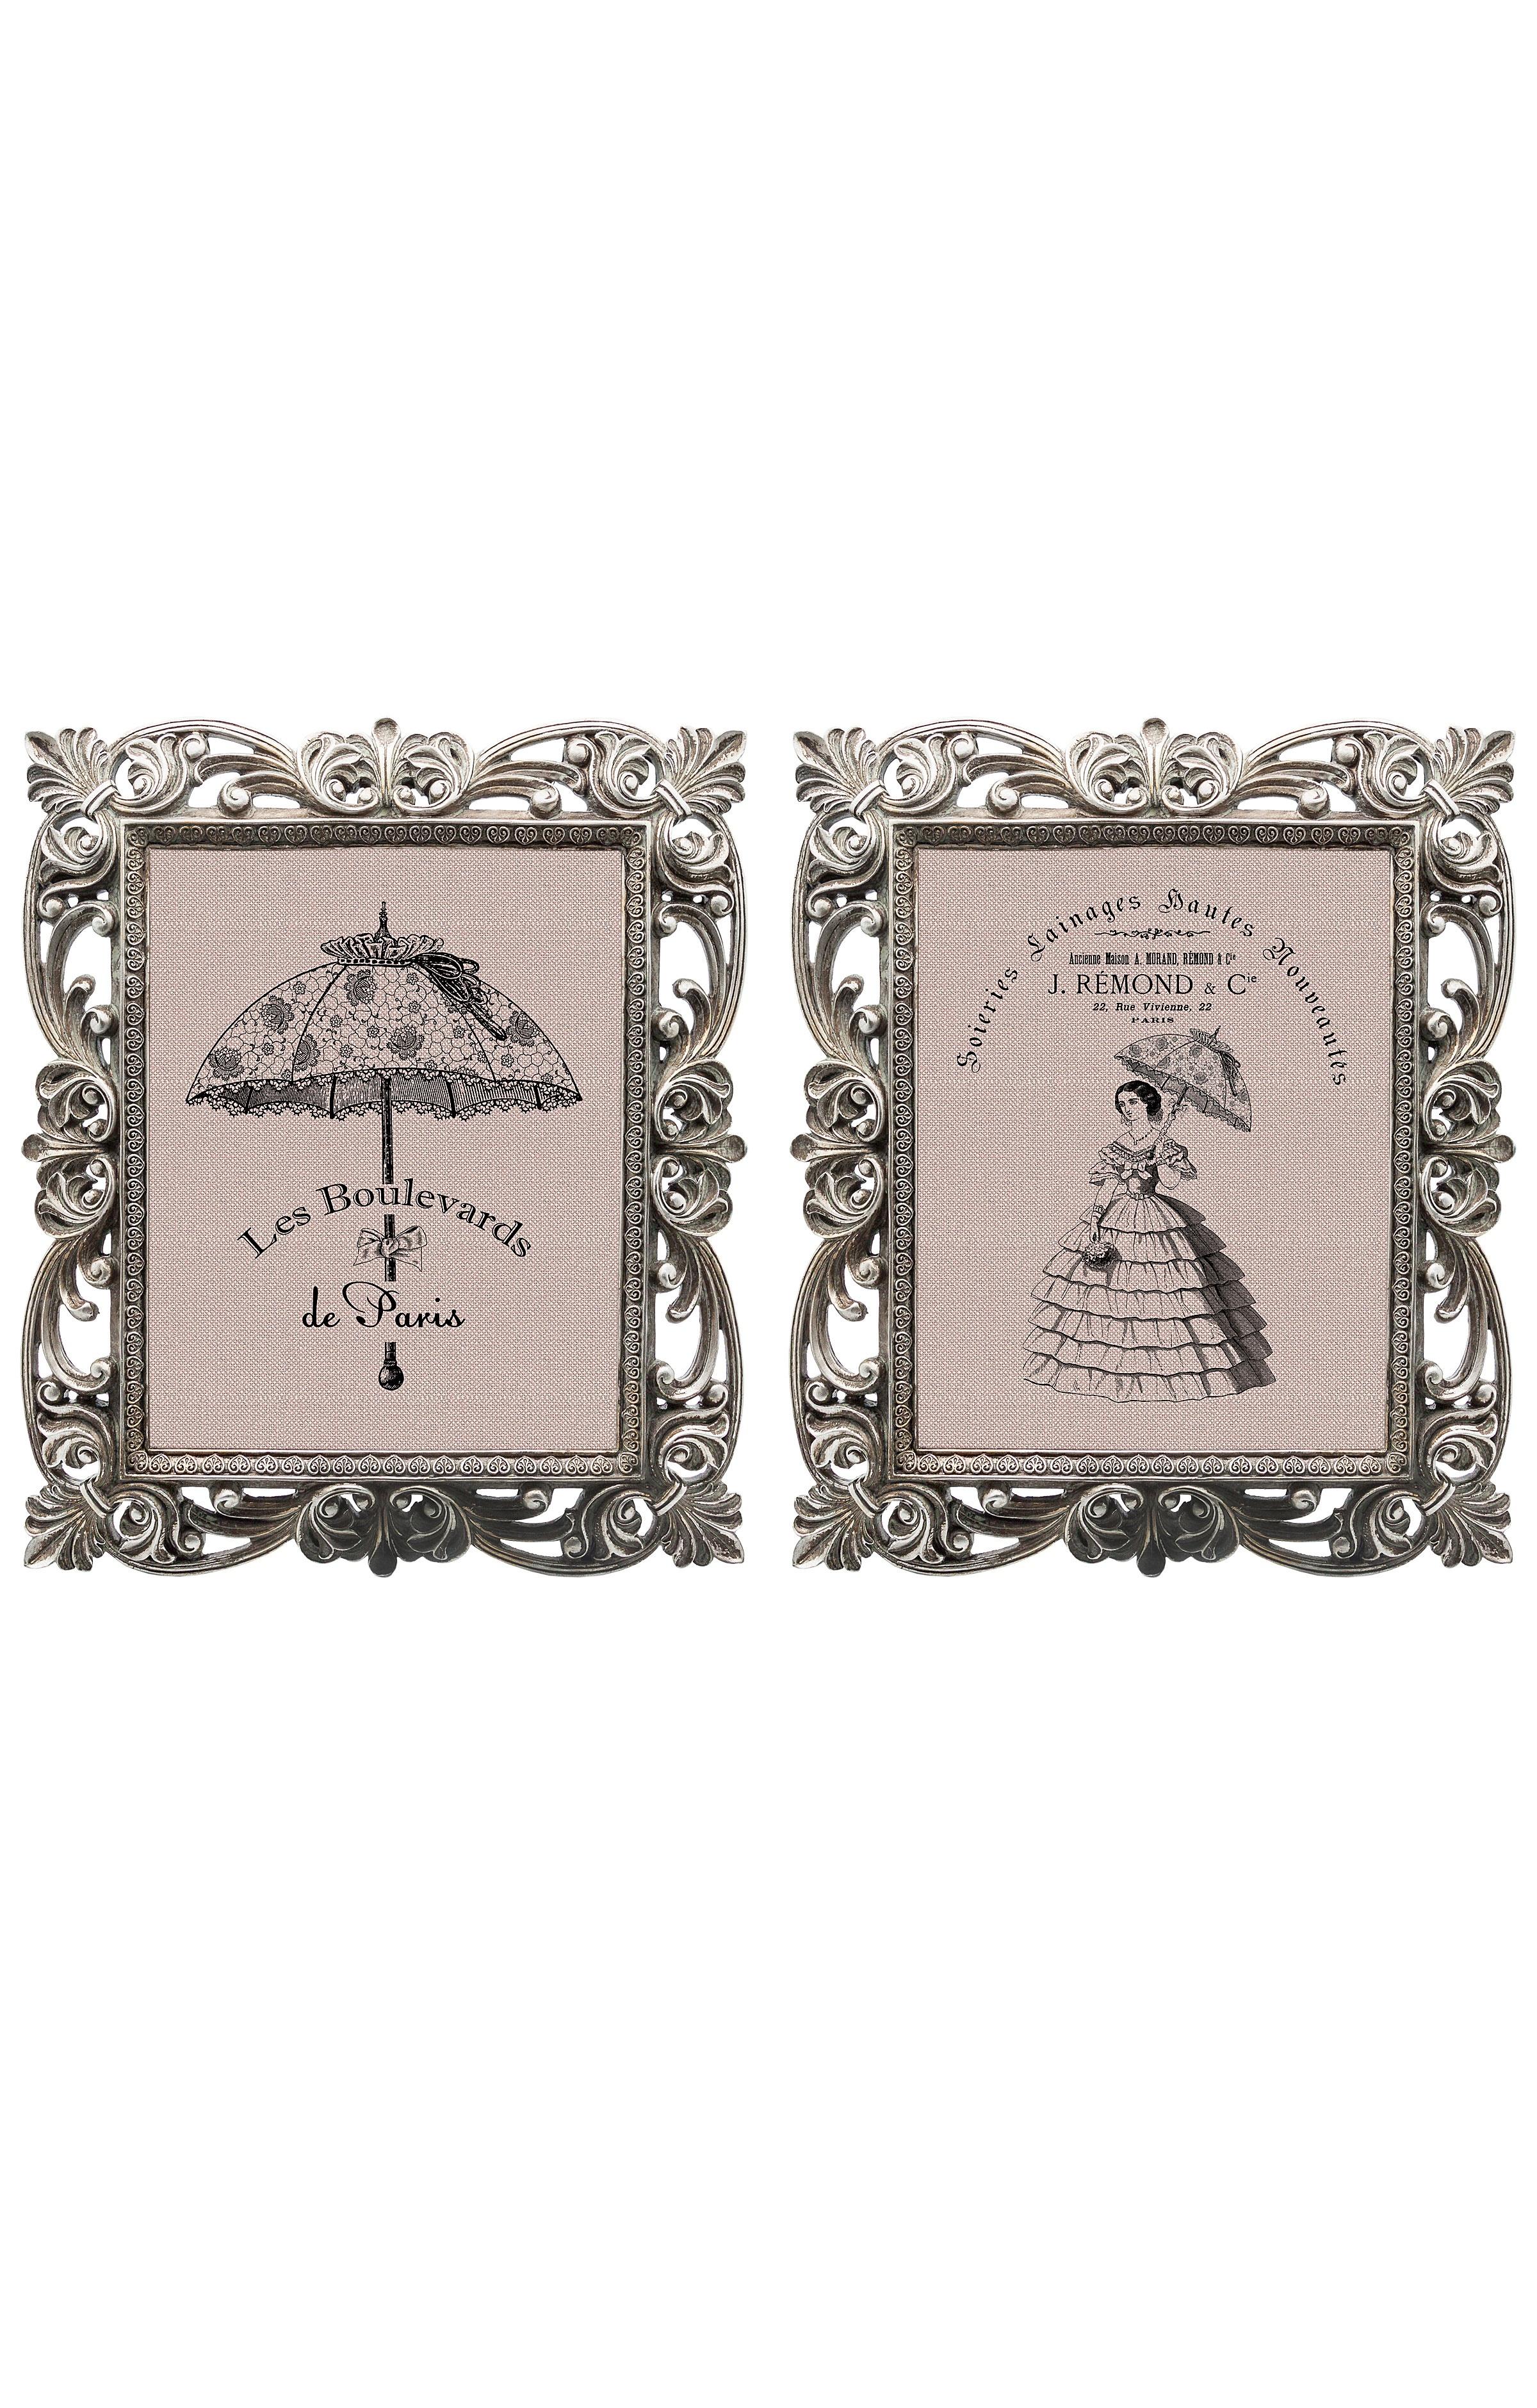 Набор из двух репродукций БеатрисКартины<br>&amp;lt;div&amp;gt;Винтажные изображения «Парижские бульвары» — это не только сентиментальное воспоминание о предметах и целых эпохах прошлого, — это еще и оригинальная деталь интерьера, которая поражает множеством элементов и эффектно смотрится в любом пространстве. Декорируйте свой дом с любовью, превращая обычный день в волшебный! Искусная техника состаривания придает рамам особую теплоту и винтажность. Благородная патина на поверхности рам — интригующее приглашение к прогулке в мир старинных реликвий! Картины можно повесить на стену, а можно поставить, например, на стол или камин. Если Вам захочется обновить интерьер, Вы можете с легкостью заменить изображение картин!&amp;lt;/div&amp;gt;&amp;lt;div&amp;gt;&amp;lt;br&amp;gt;&amp;lt;/div&amp;gt;&amp;lt;div&amp;gt;Изображение - дизайнерская бумага; рама - искуственный камень; защитный слой - стекло &amp;amp;nbsp;&amp;amp;nbsp;&amp;lt;/div&amp;gt;&amp;lt;div&amp;gt;цвет:мультиколор&amp;amp;nbsp;&amp;lt;/div&amp;gt;<br><br>Material: Бумага<br>Width см: 30<br>Depth см: 2,3<br>Height см: 35